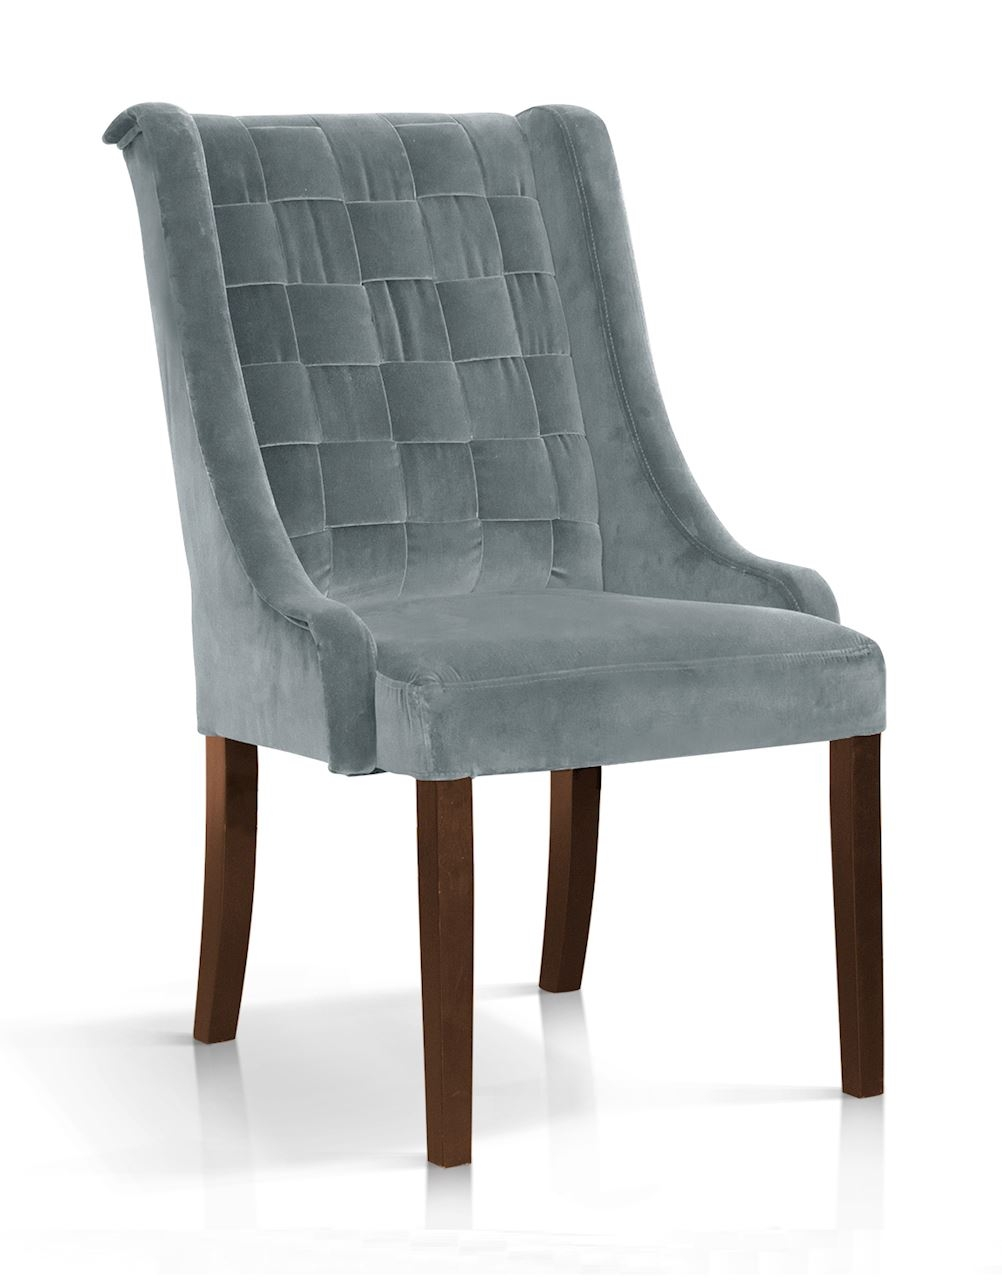 Scaun tapitat cu stofa, cu picioare din lemn Prince Velvet Gri / Nuc, l55xA70xH105 cm